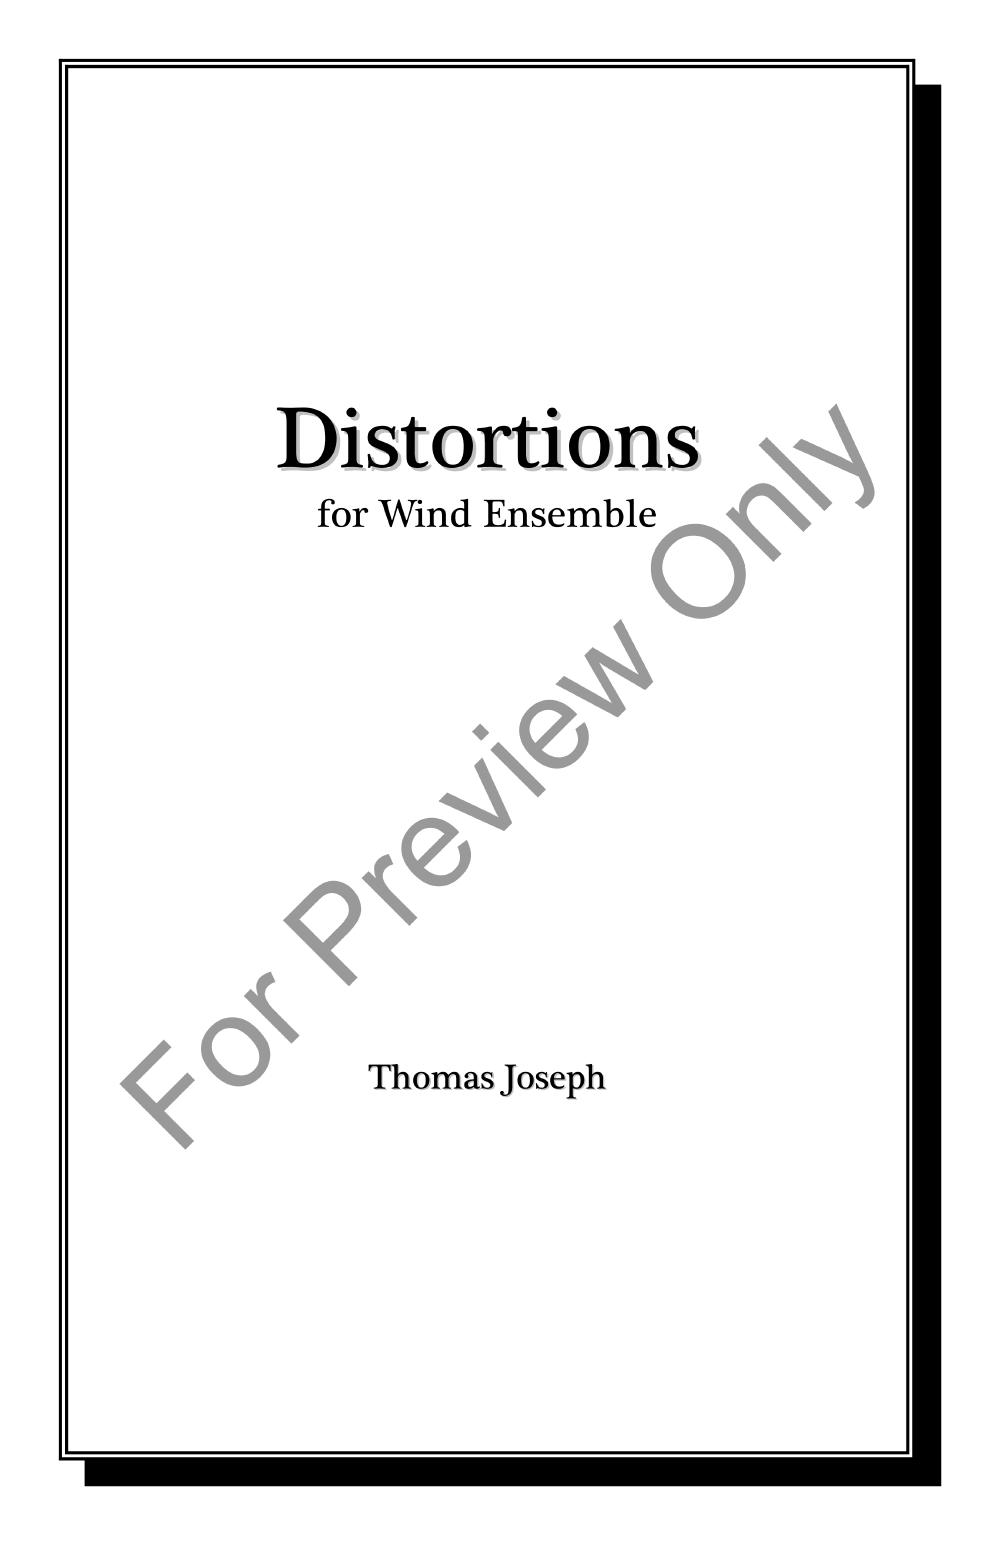 Distortions Thumbnail